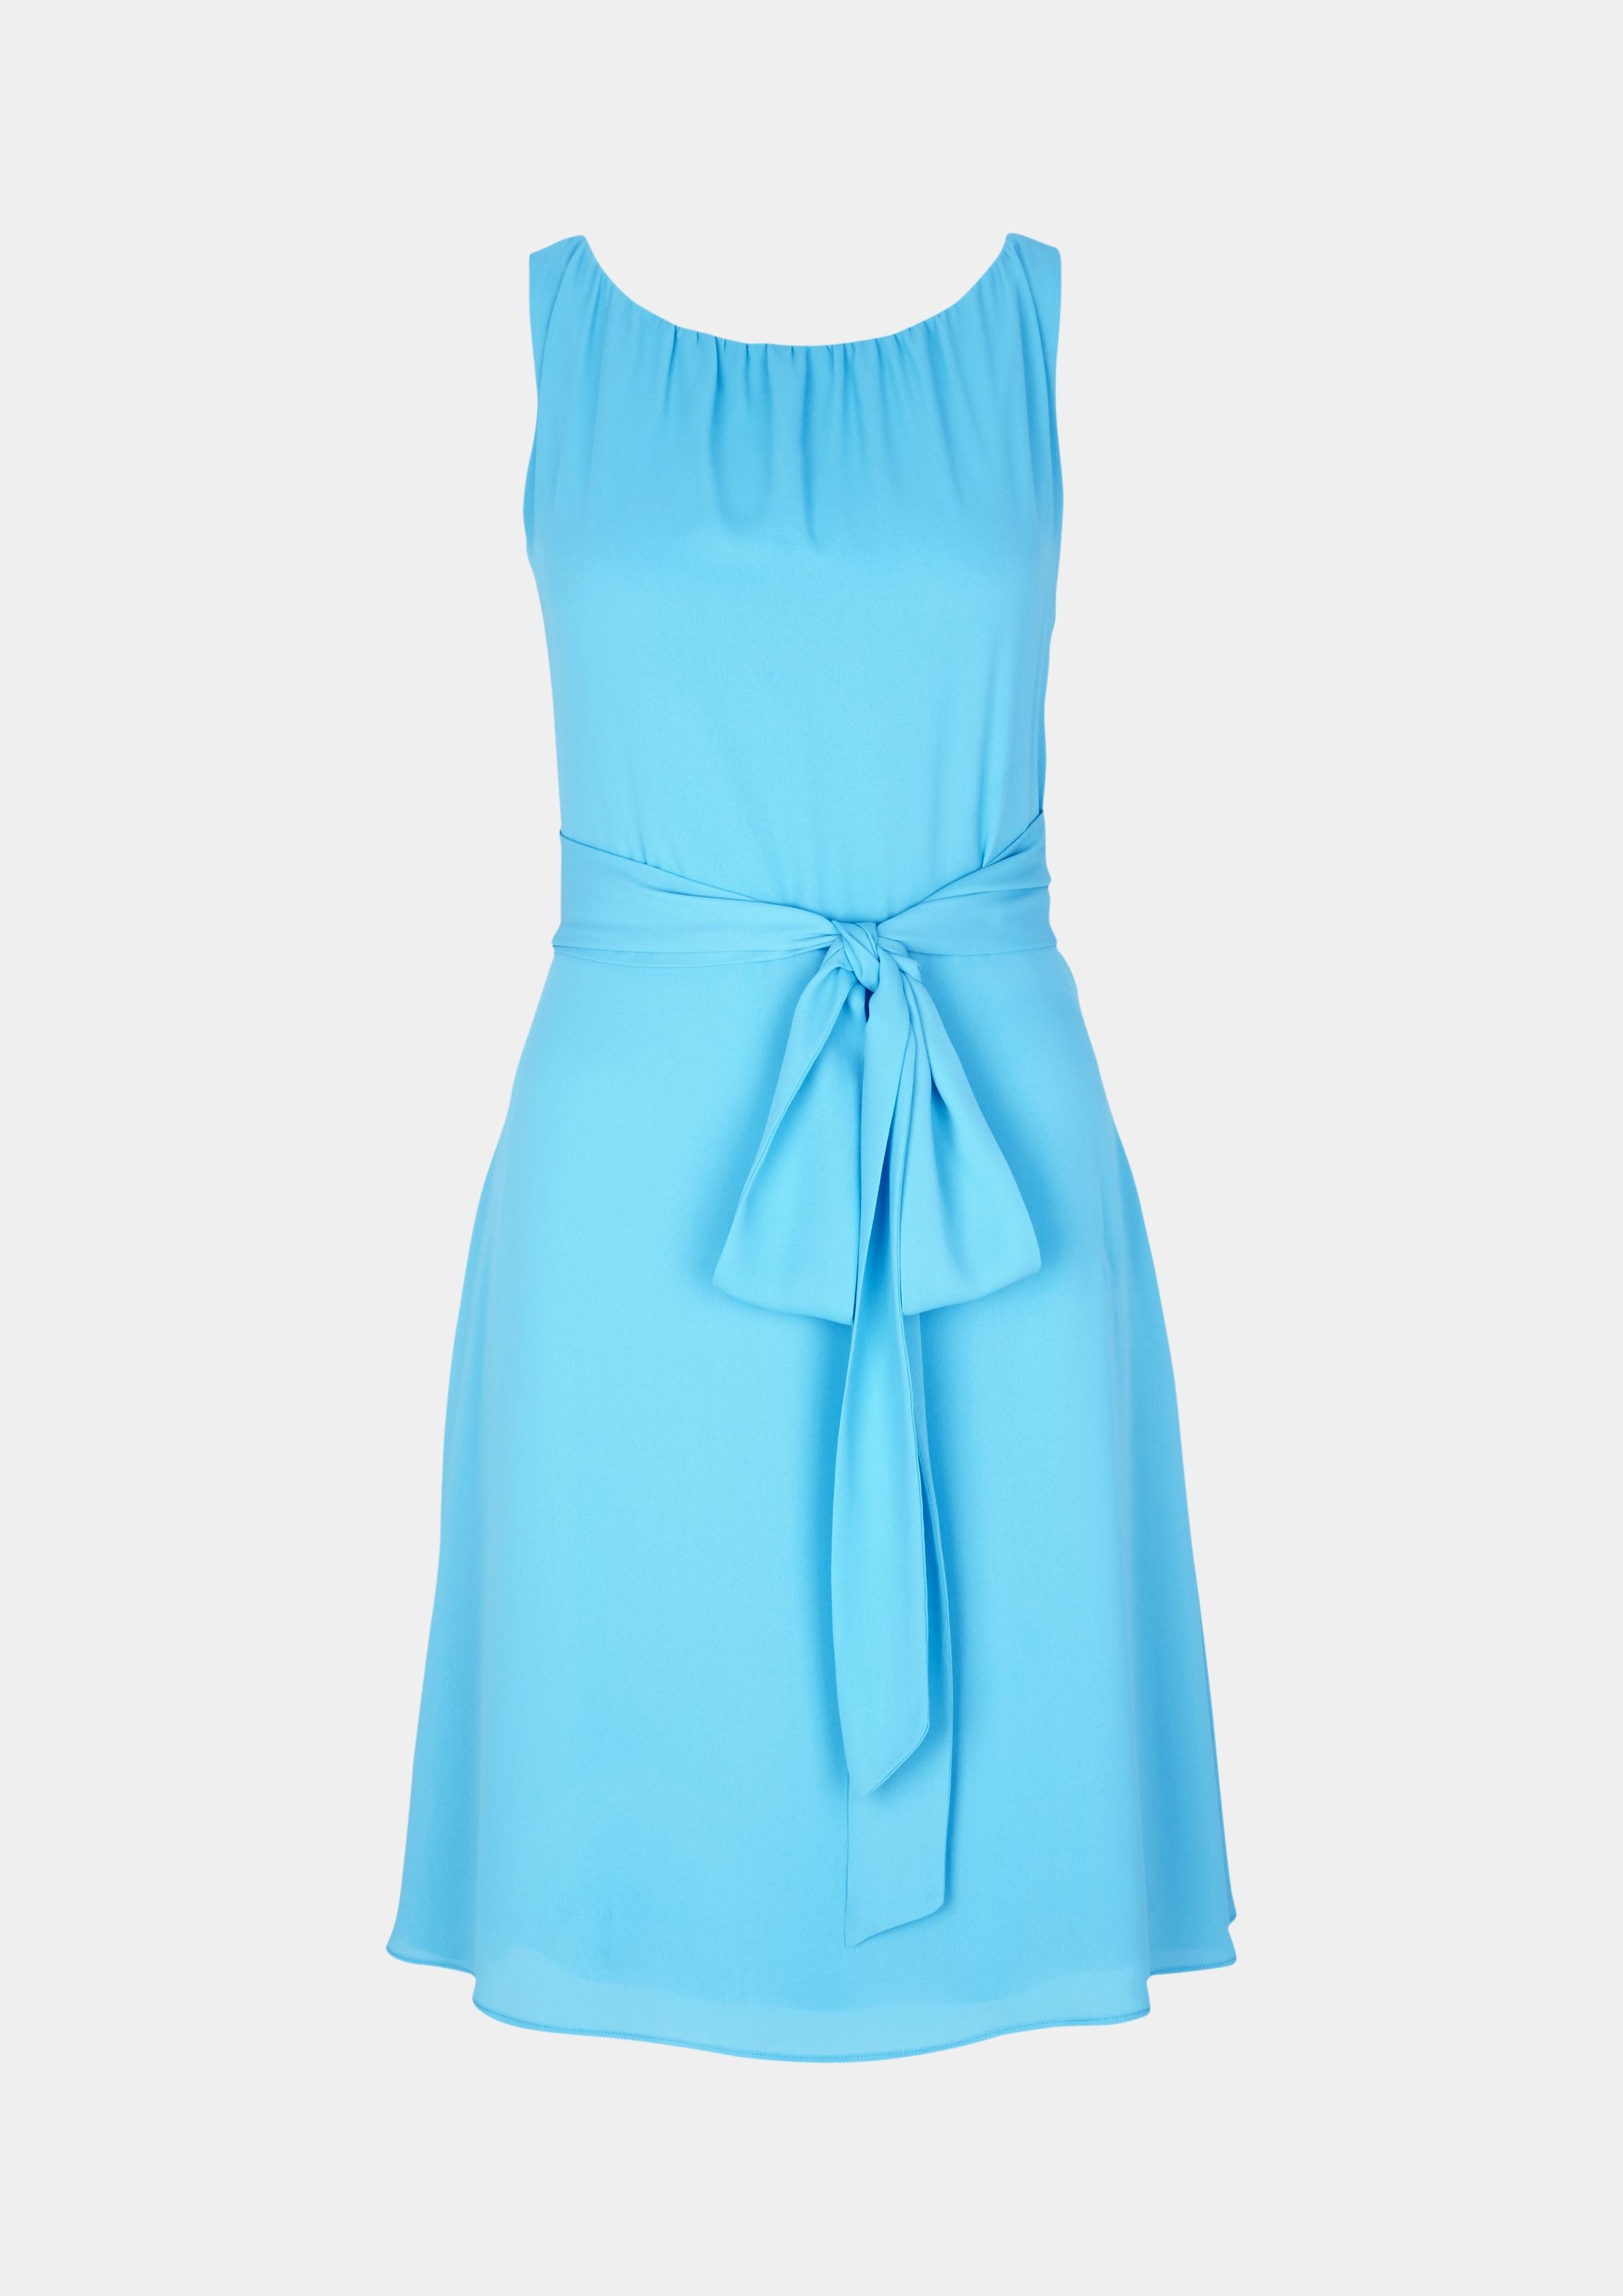 Abendkleid   Bekleidung > Kleider > Abendkleider   Blau/grün   Obermaterial: 100% polyester  futter: 100 % viskose   comma